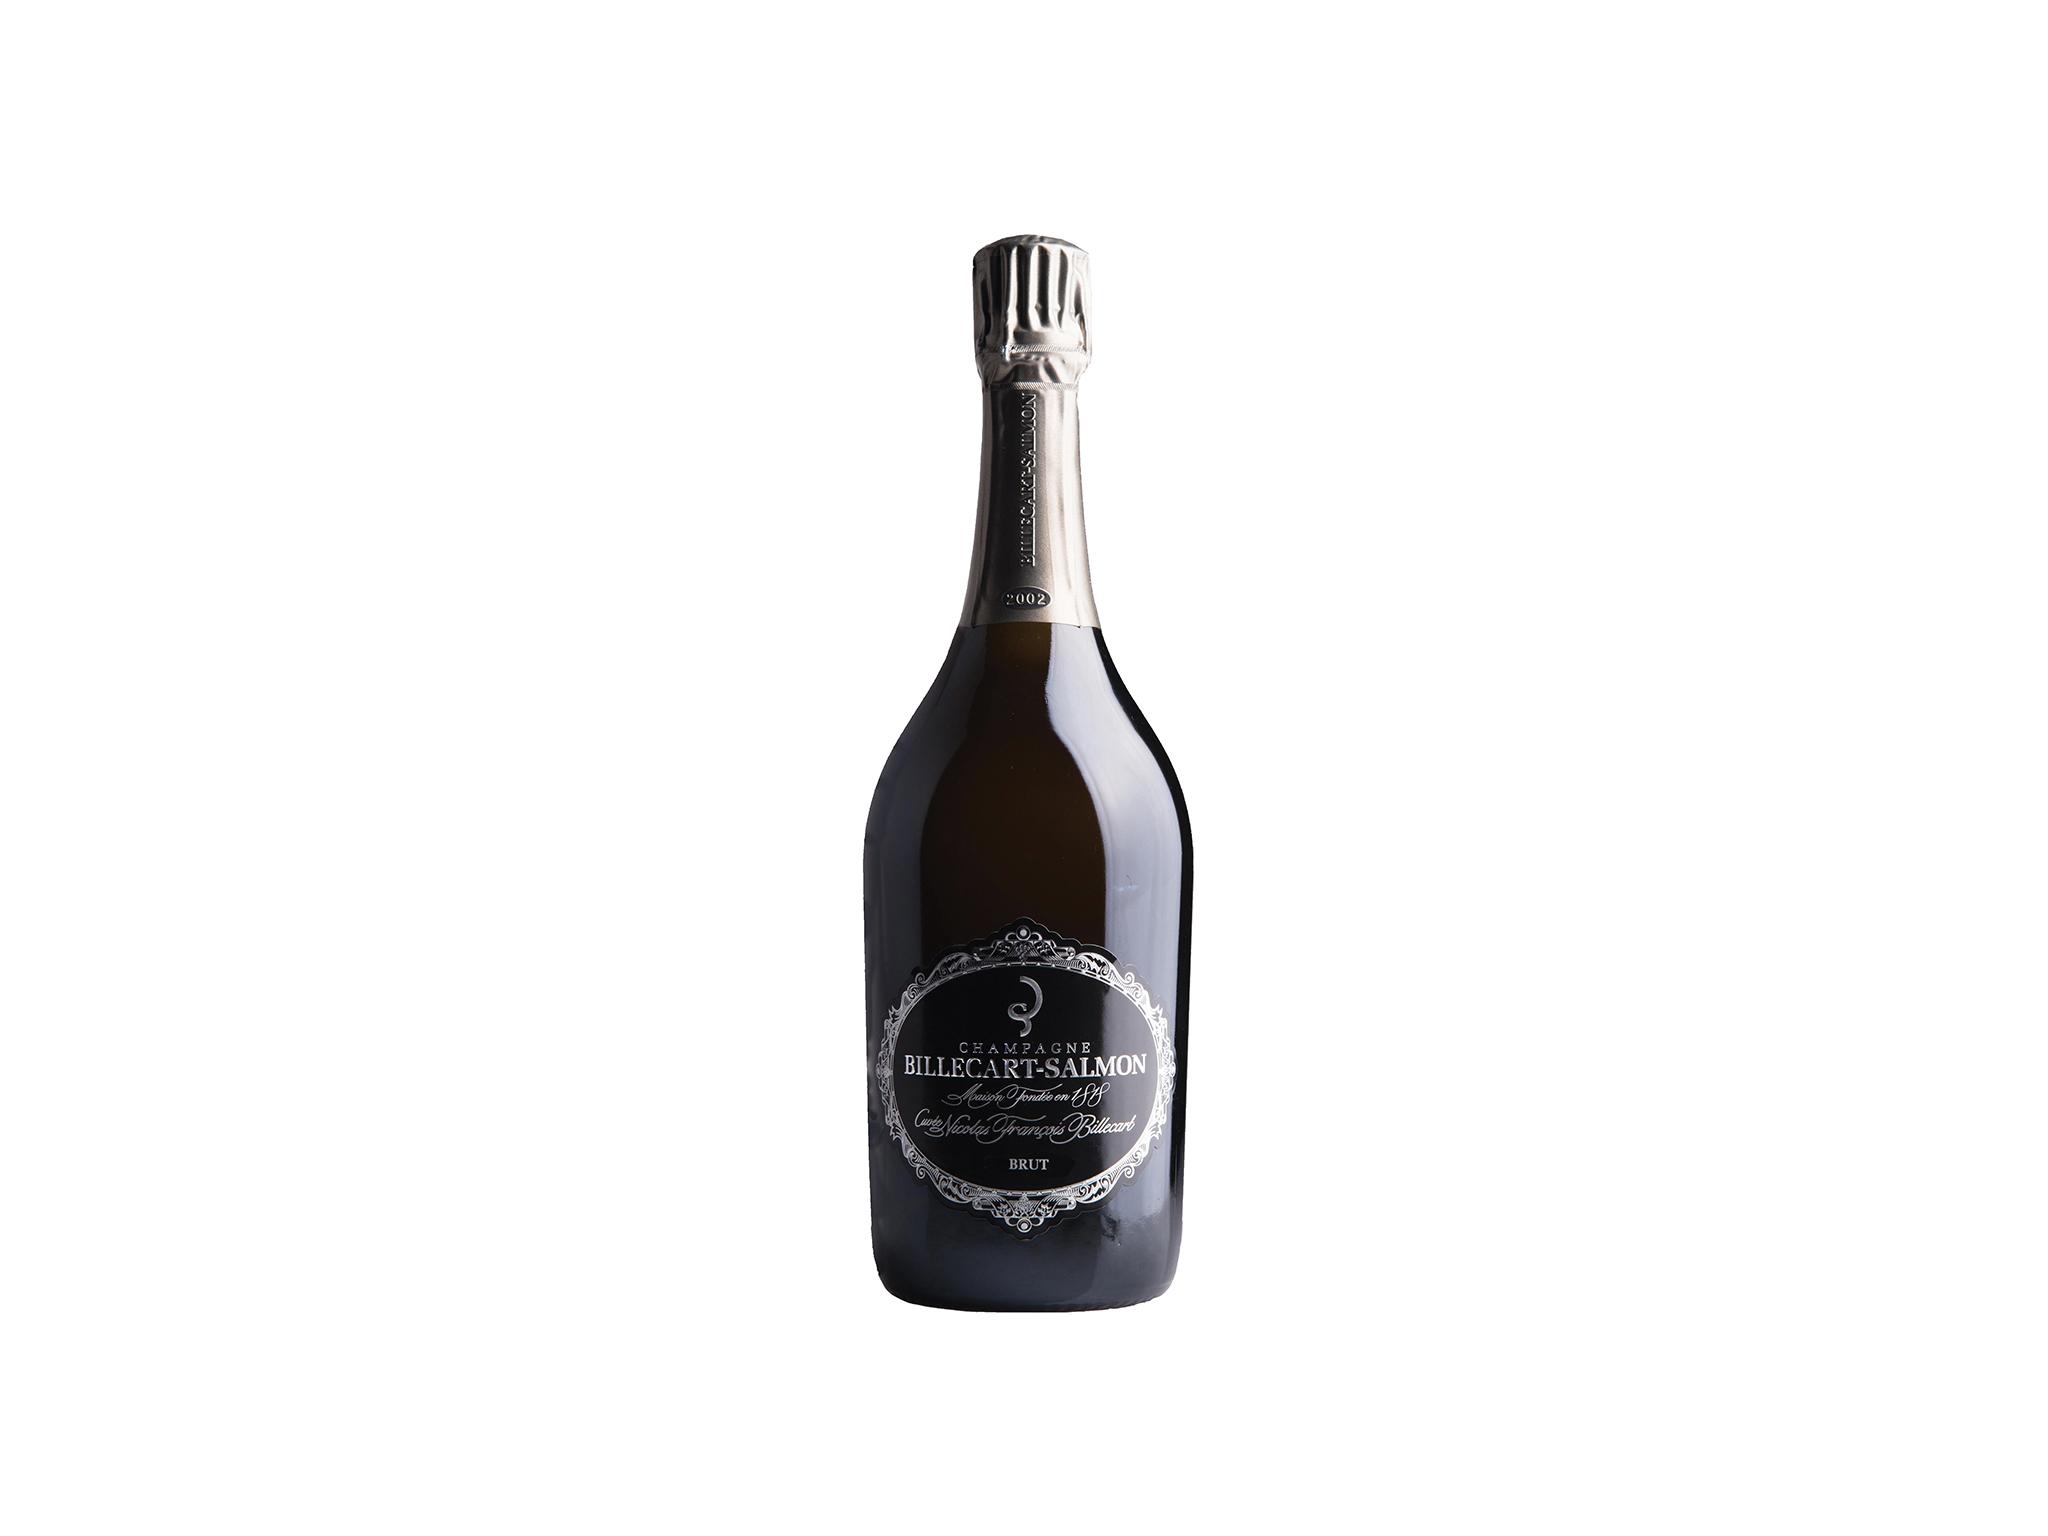 Champagne, Billecart-Salmon, Cuvée Nicolas Francois Brut